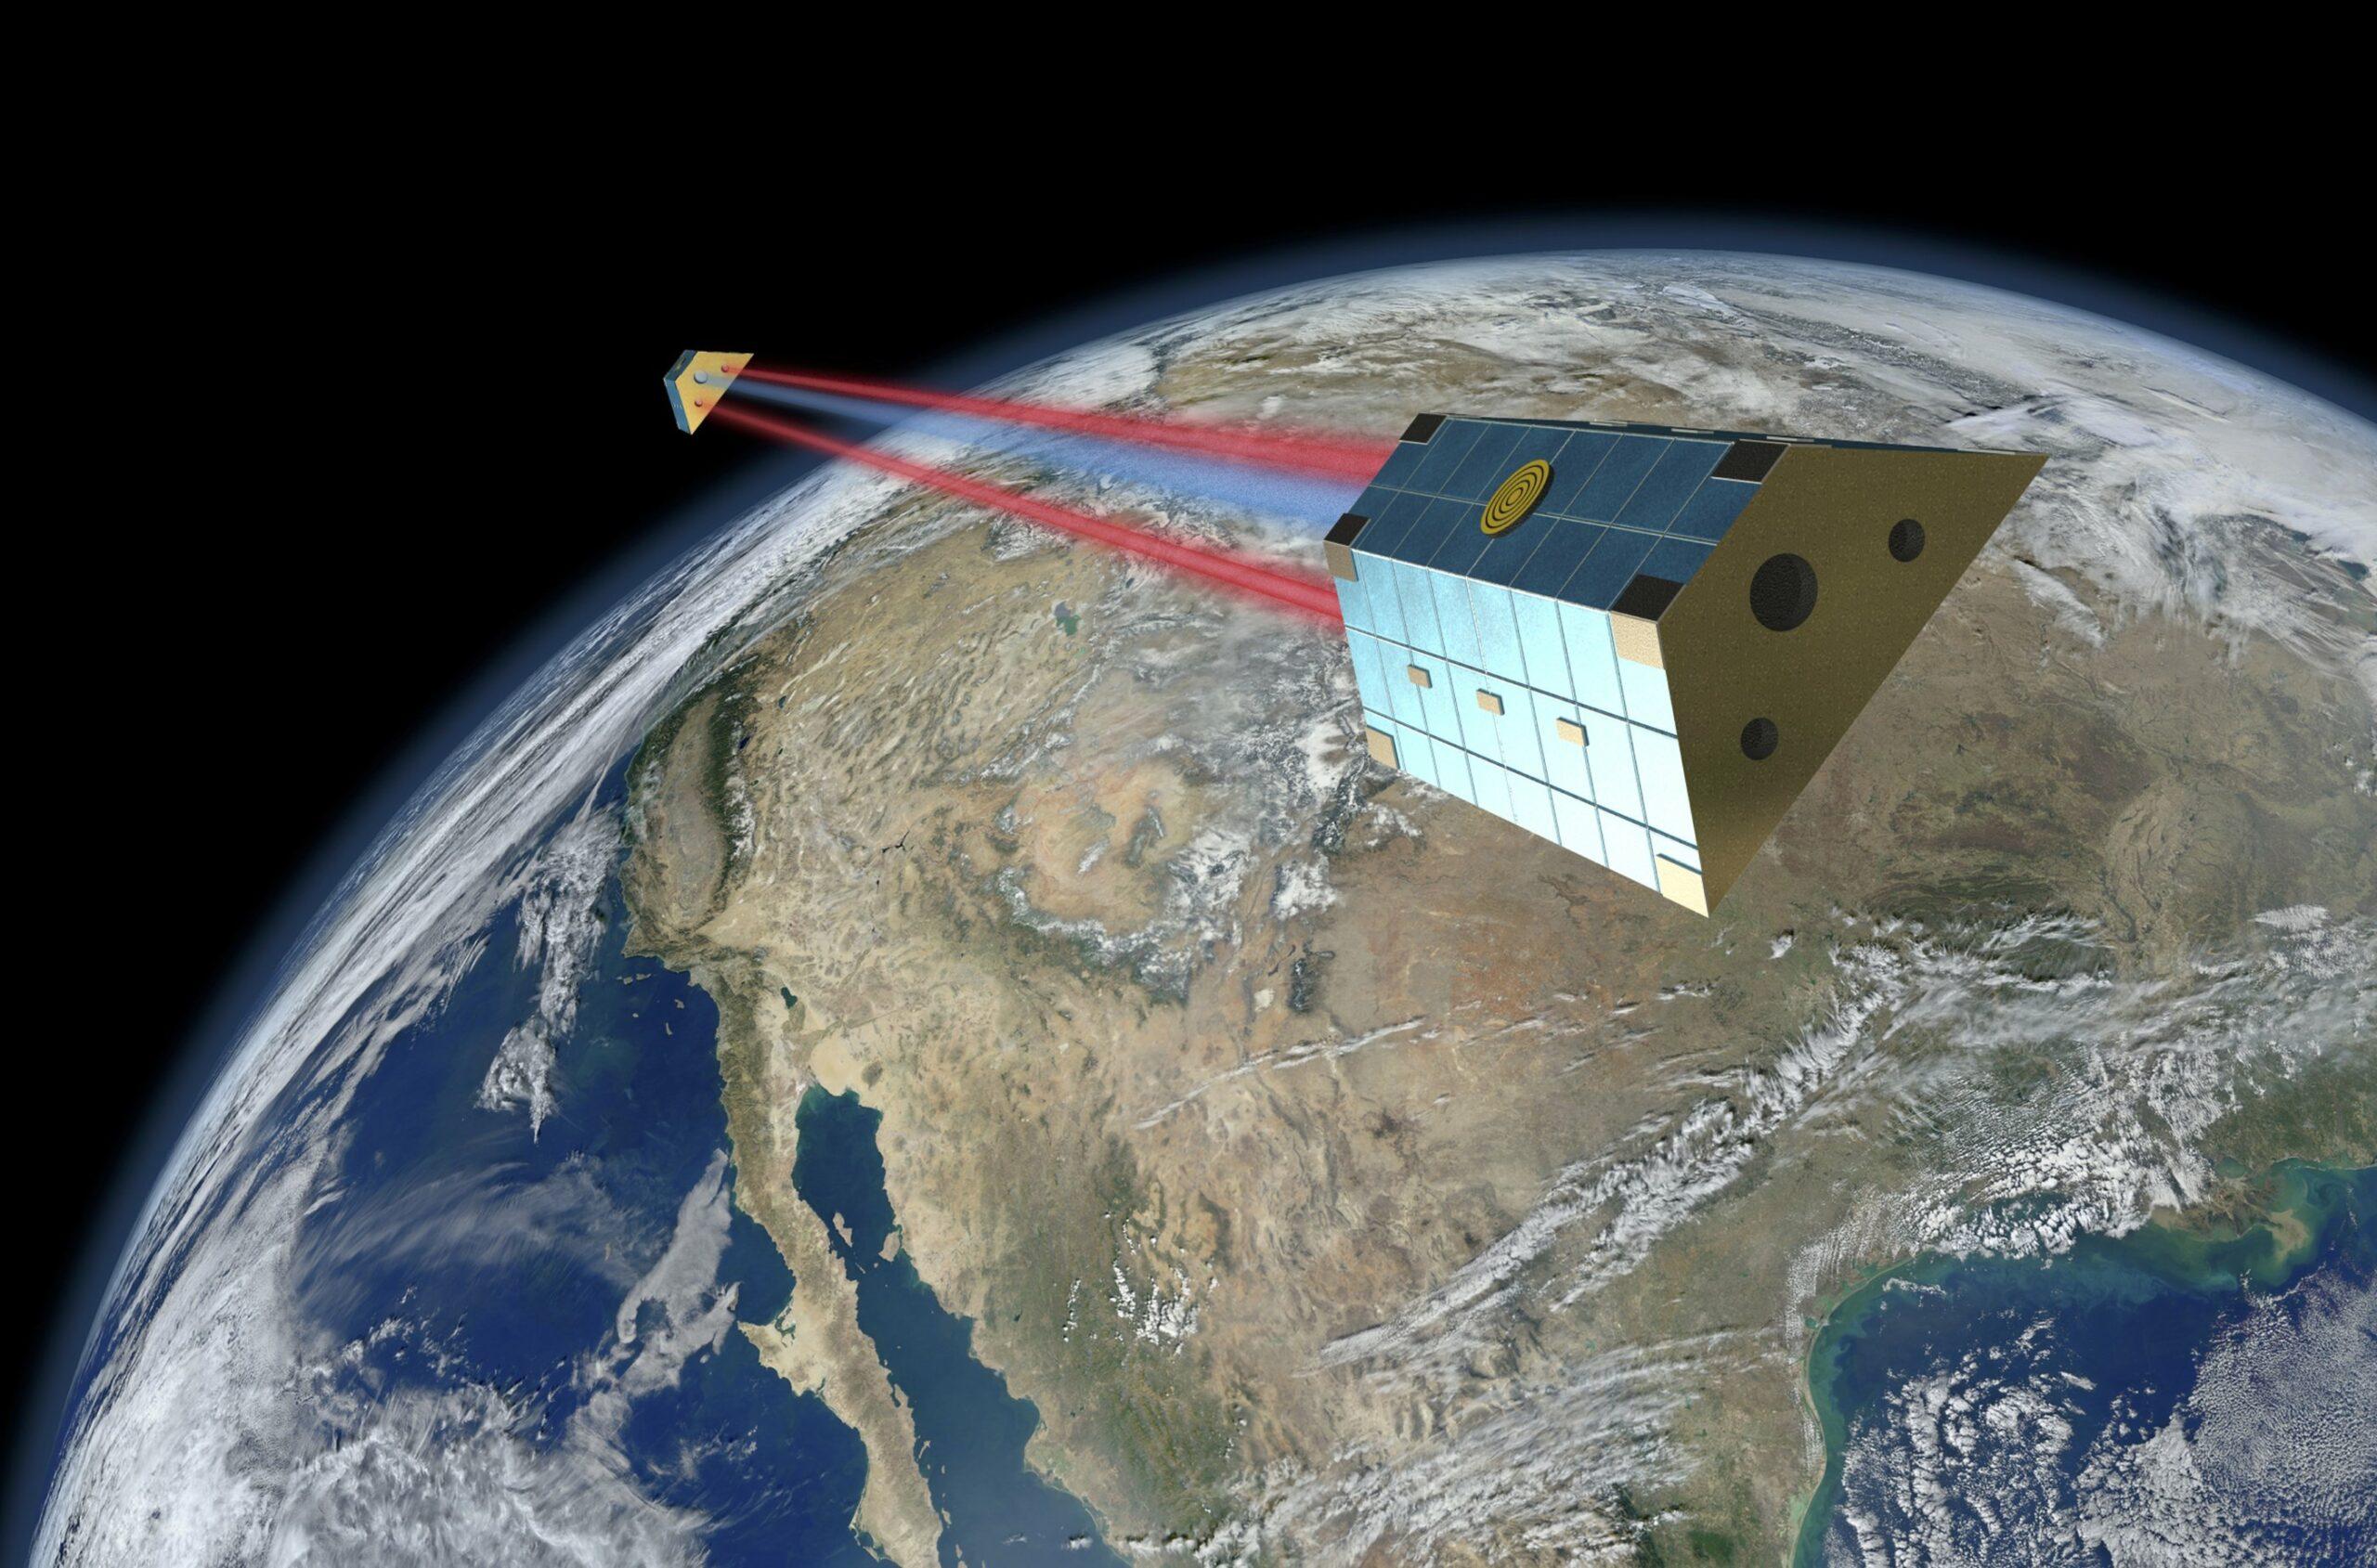 Zwei Satelliten in Abstand zueinander fliegen über der Erde